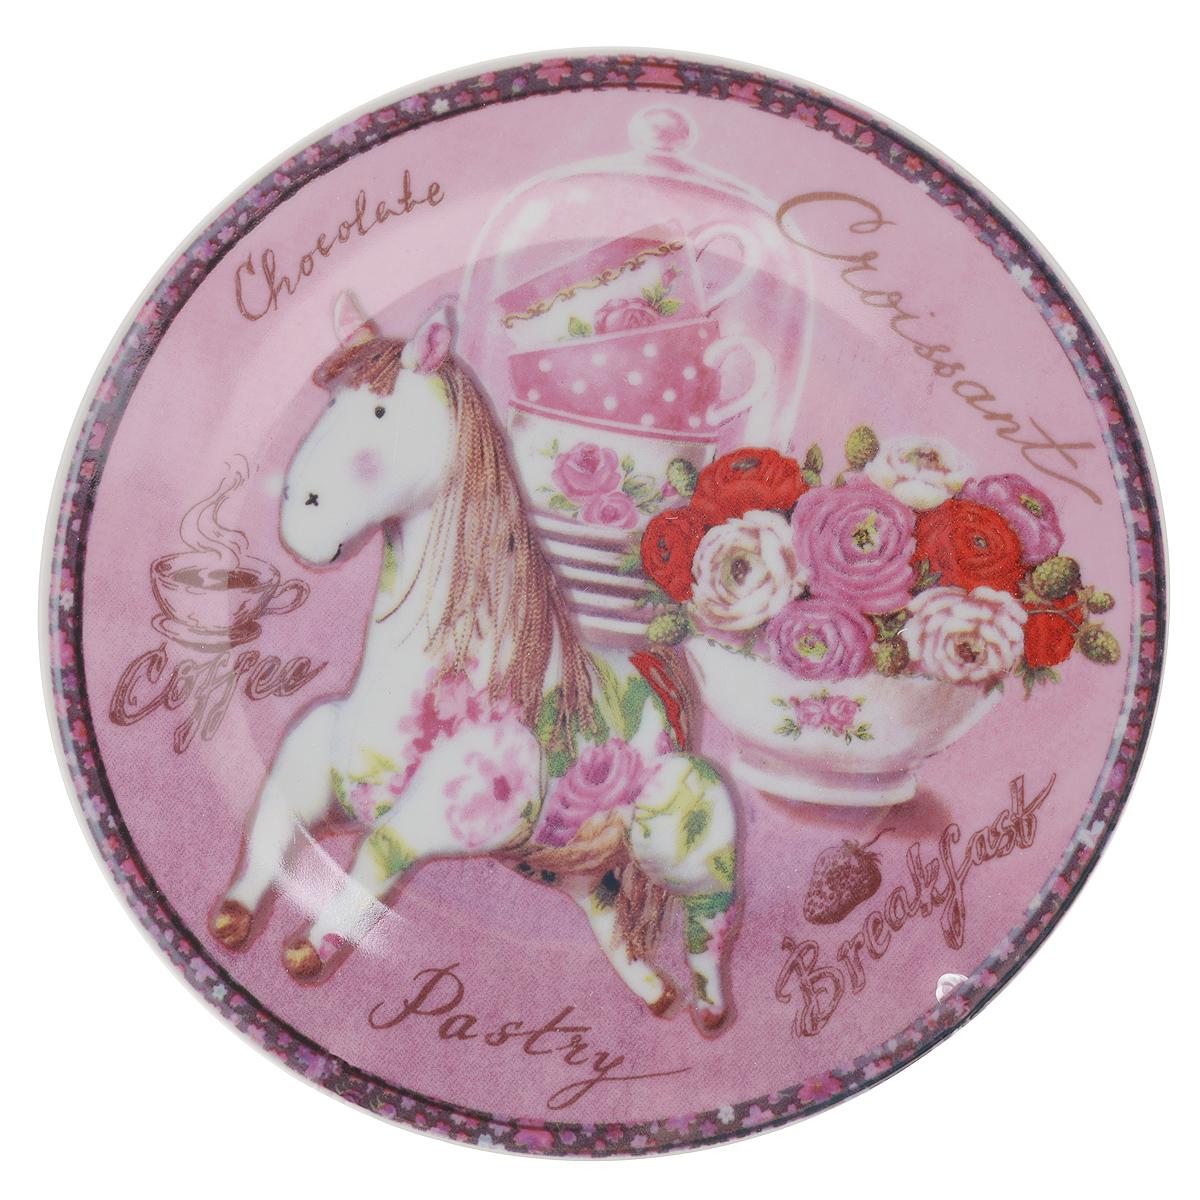 Тарелка декоративная Besko Винтажная лошадка, диаметр 18 см515-486Декоративная тарелка Besko Винтажная лошадка выполнена из высококачественной керамики, покрытой слоем сверкающей глазури. Изделие оформлено красочным изображением лошади и цветов. Такая тарелка украсит интерьер вашей кухни и подчеркнет прекрасный вкус хозяина, а также станет отличным подарком. Диаметр: 18 см. Высота: 2 см.